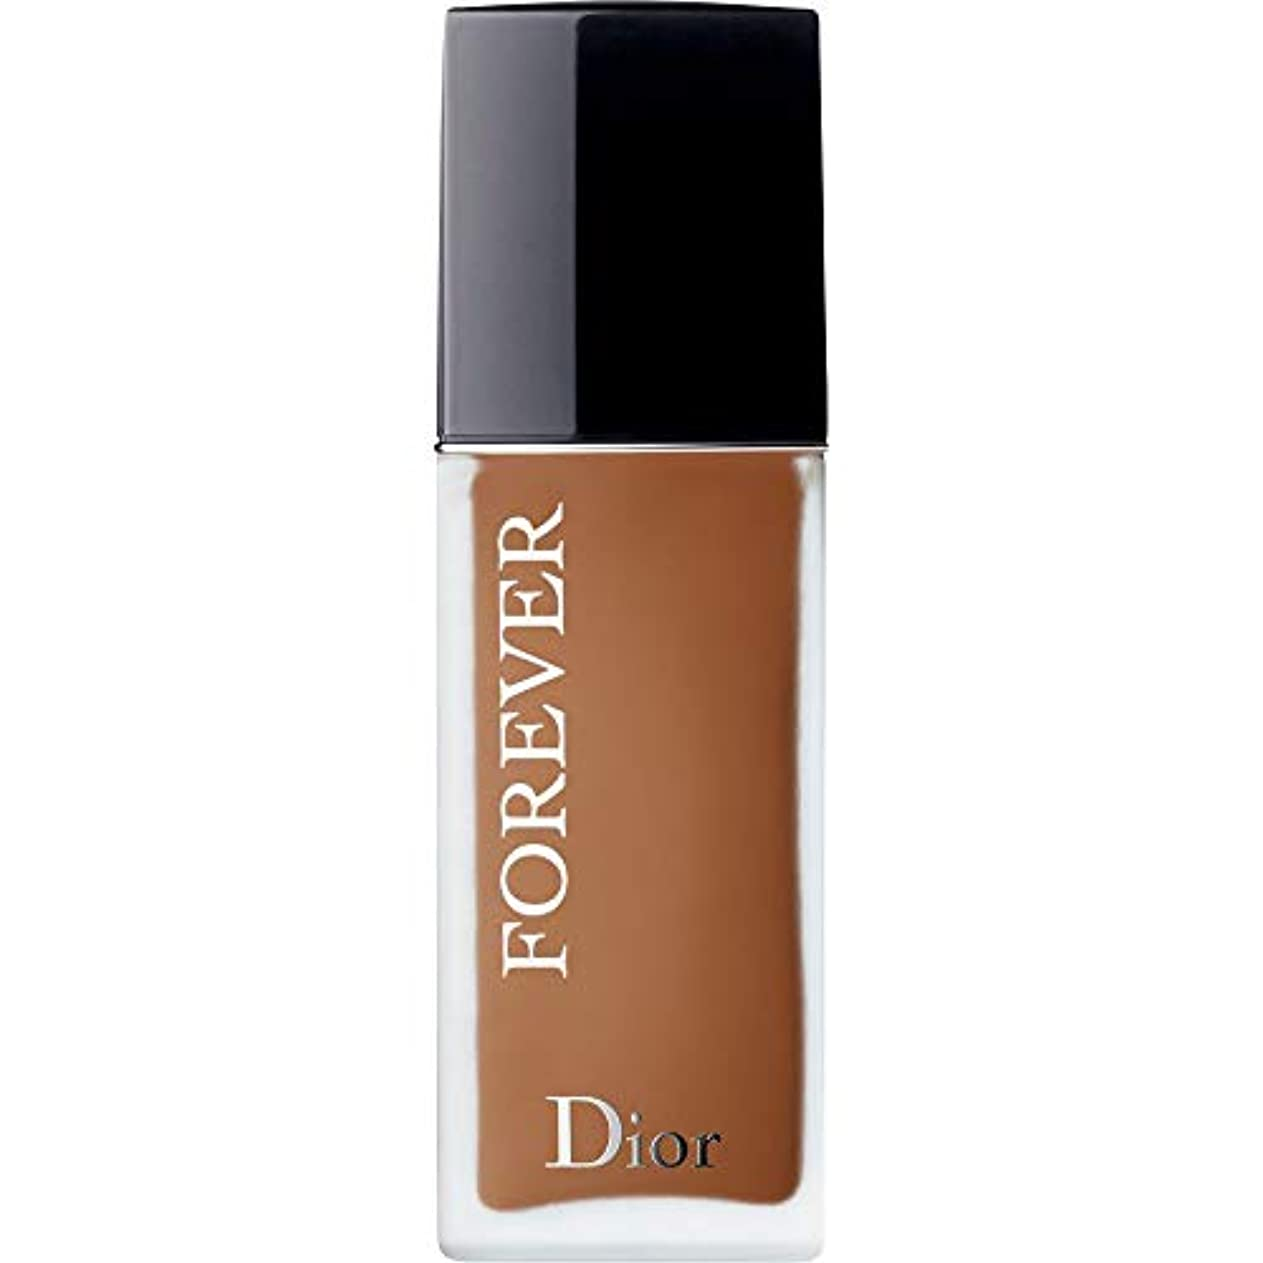 魚馬鹿キャンペーン[Dior ] ディオール永遠皮膚思いやりの基盤Spf35 30ミリリットルの6N - ニュートラル(つや消し) - DIOR Forever Skin-Caring Foundation SPF35 30ml 6N -...